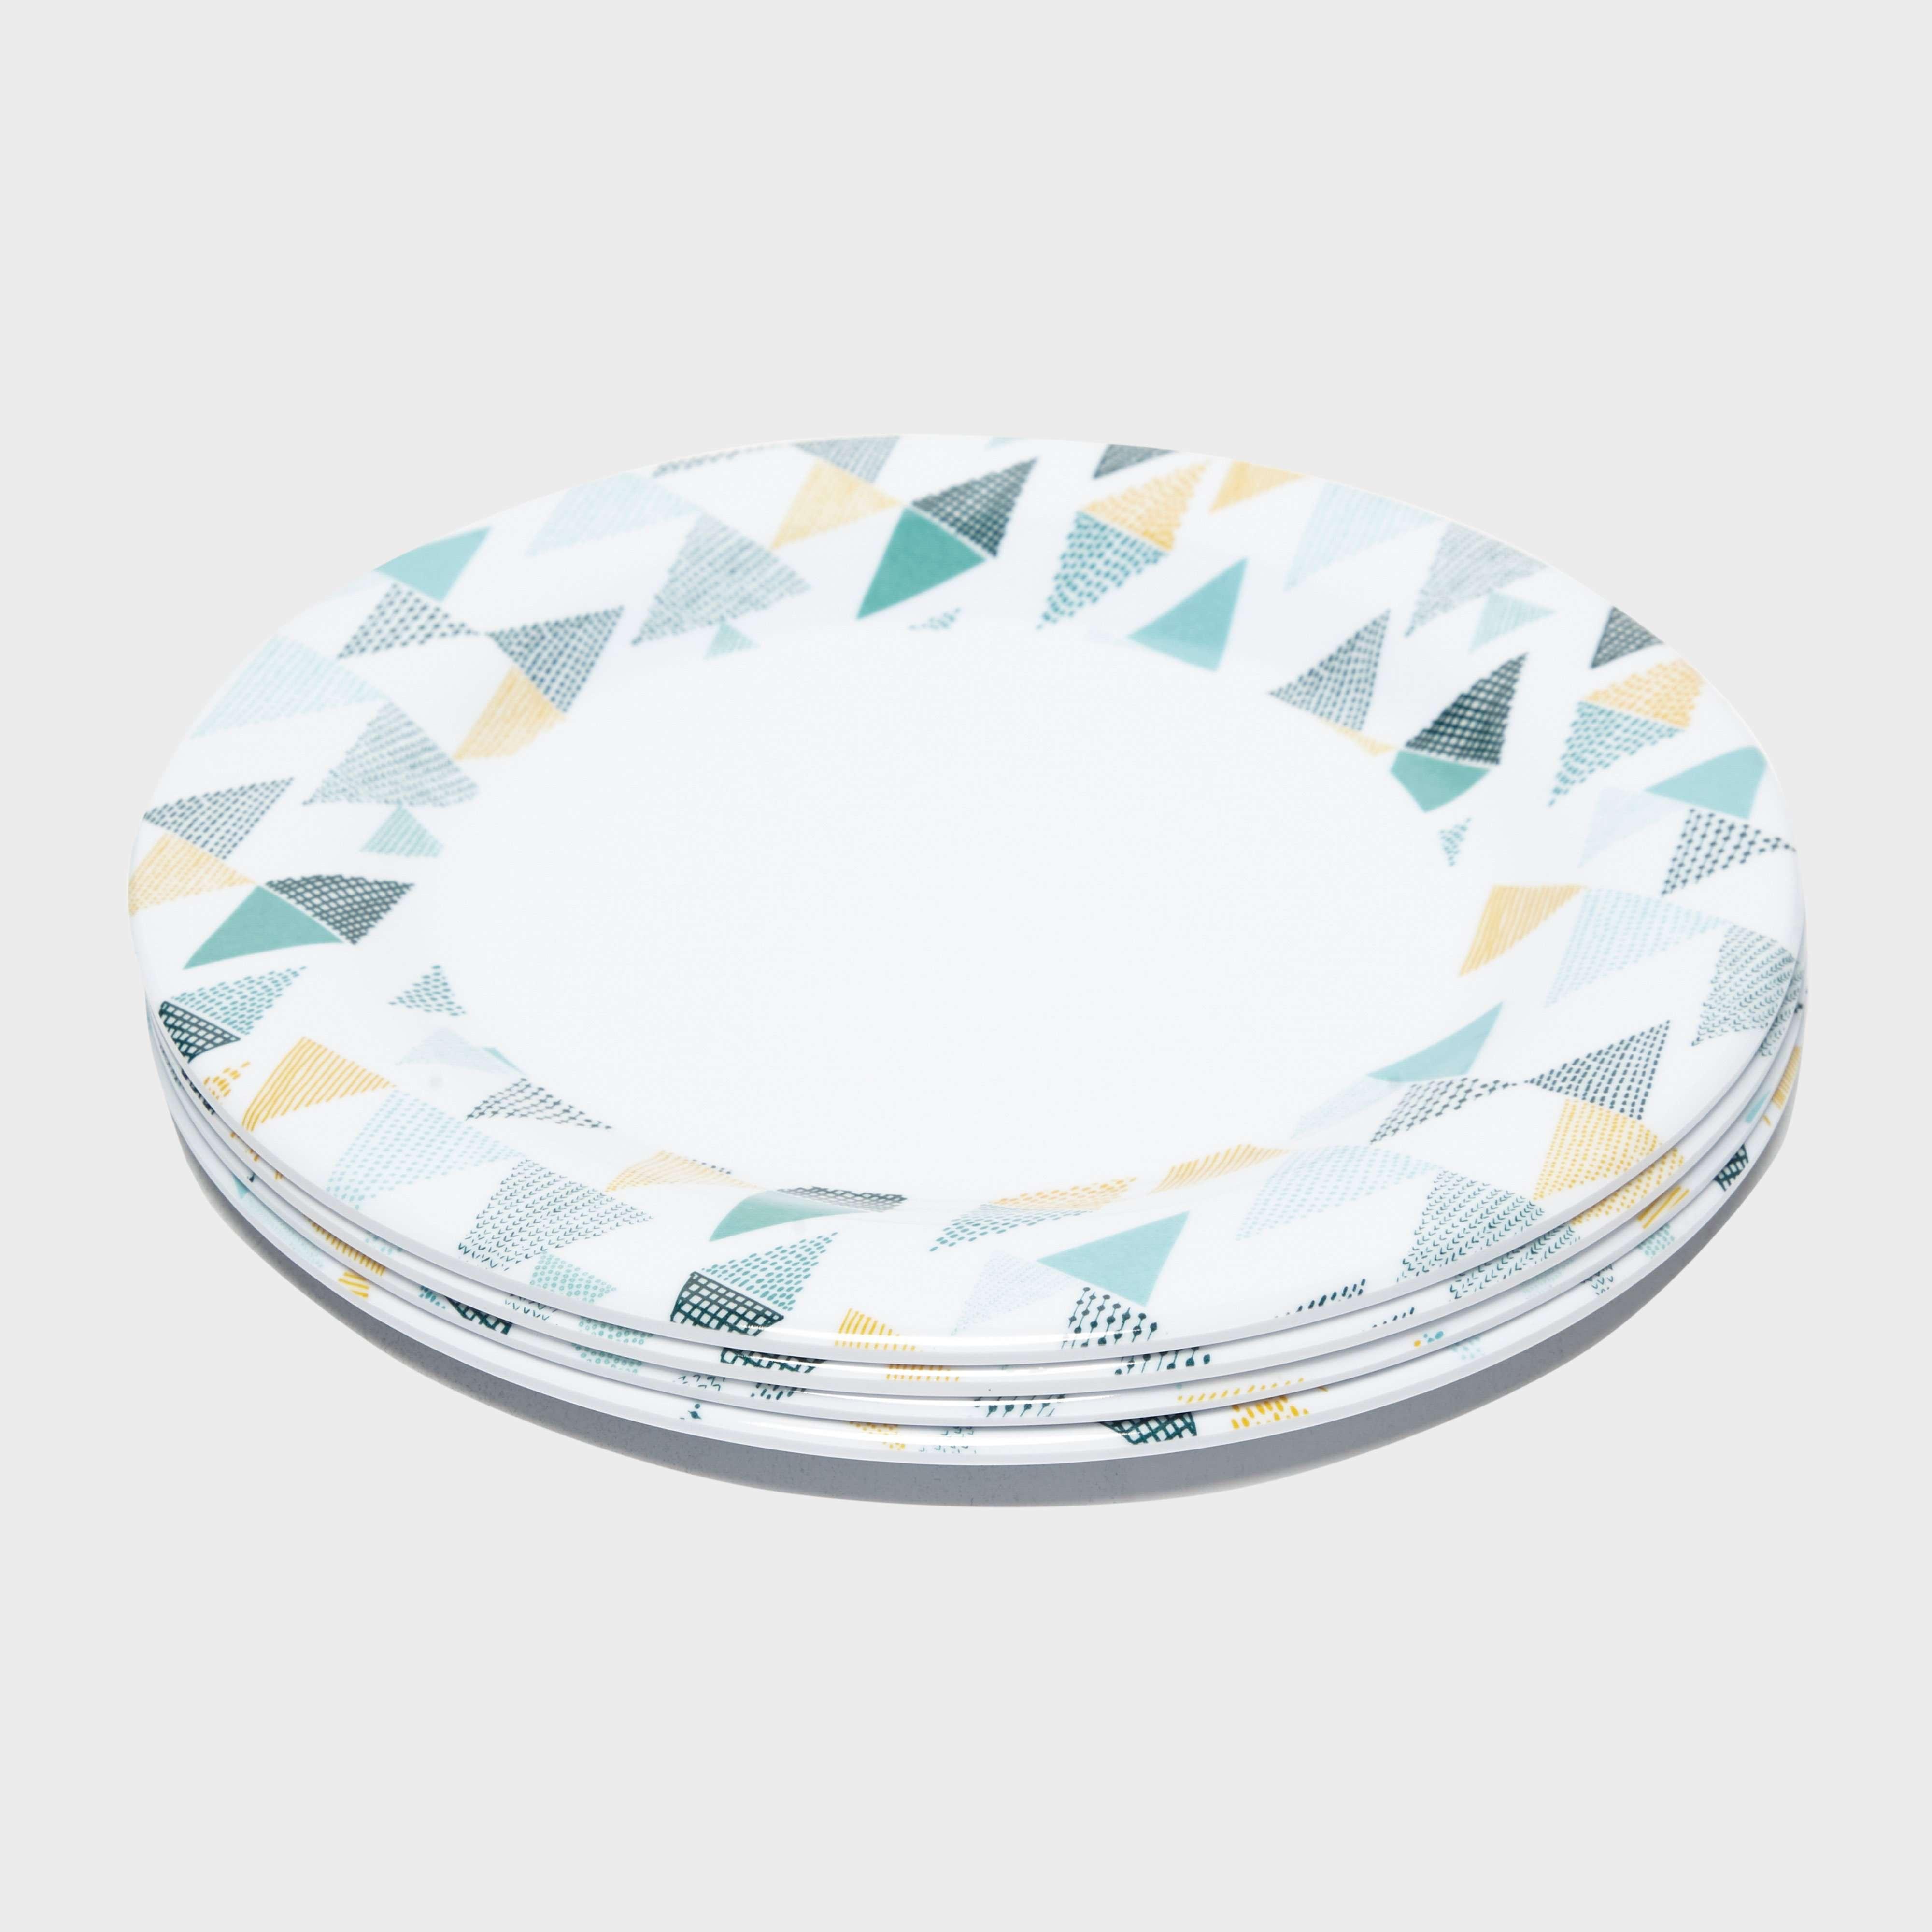 EUROHIKE Plates (4 Pack)